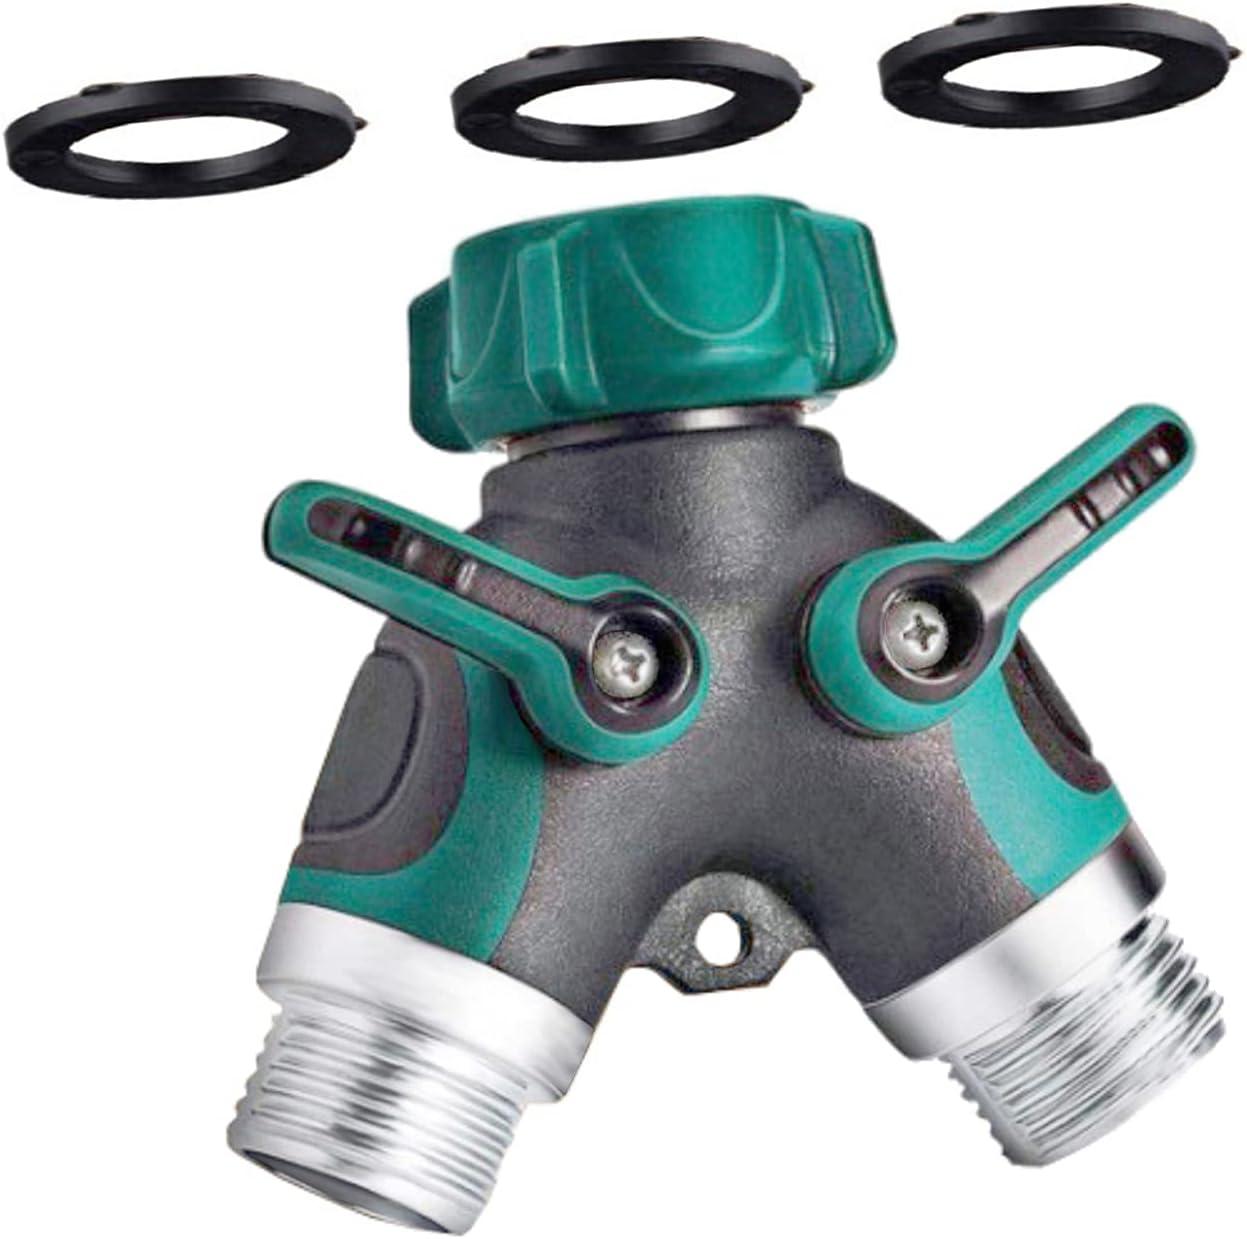 DOLANDE 2 Way Water Splitter, Garden Y Hose Connector, 3/4